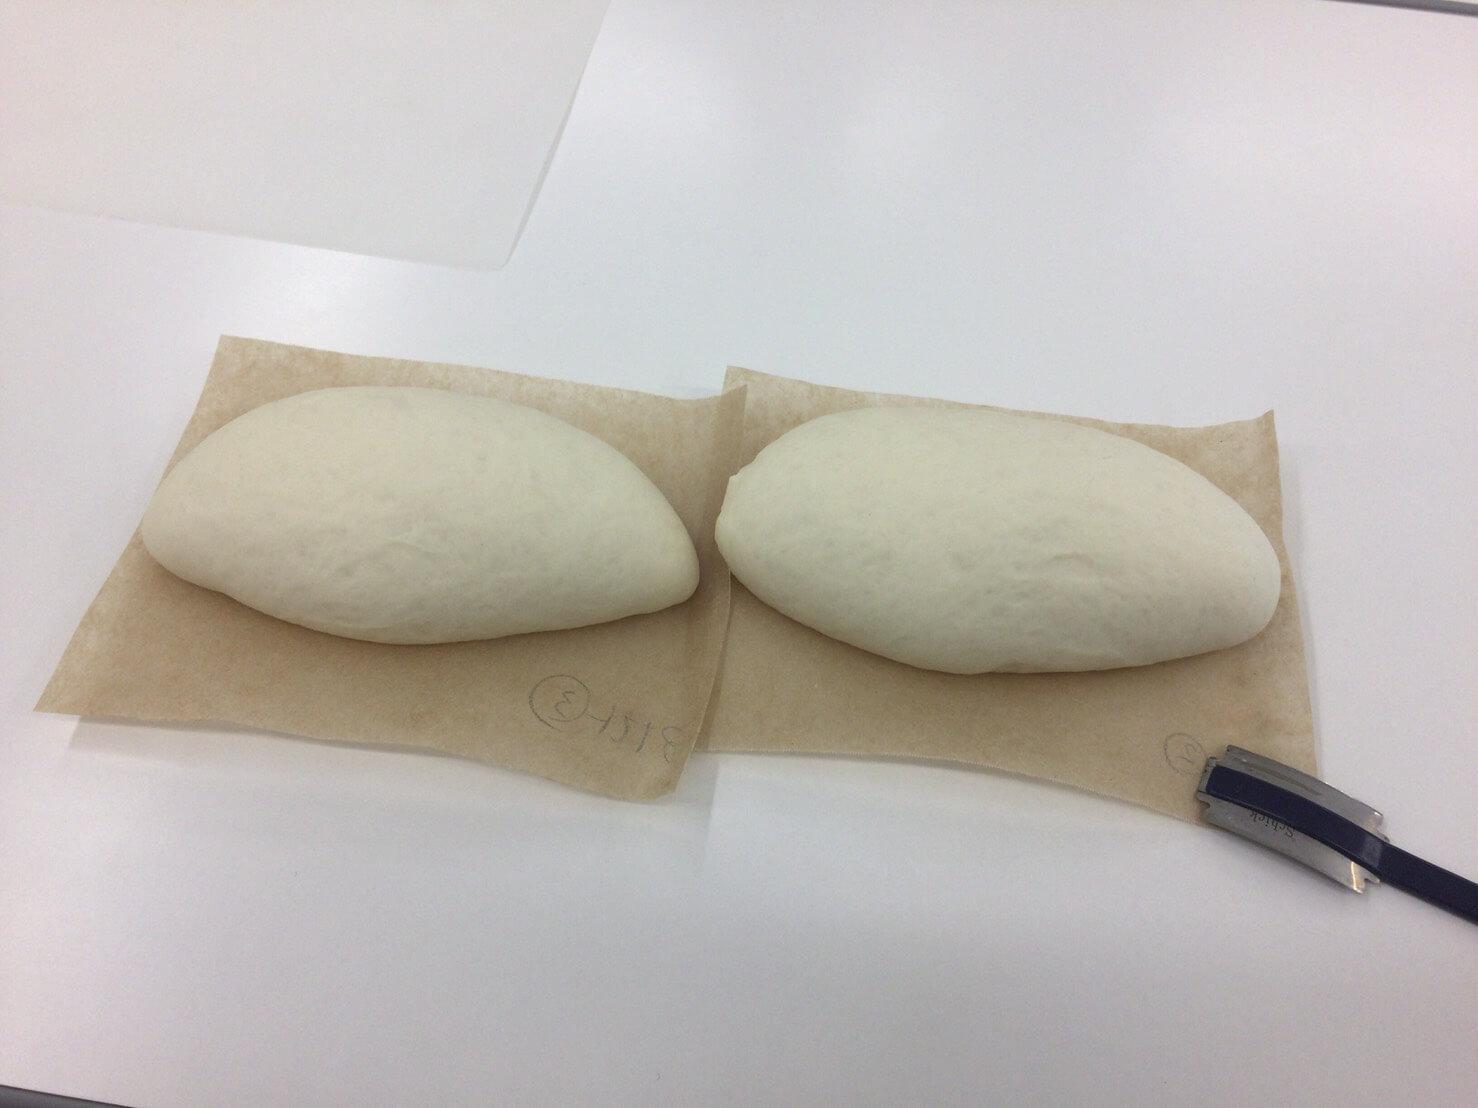 らでぃっしゅぼーやの料理会口コミ体験26